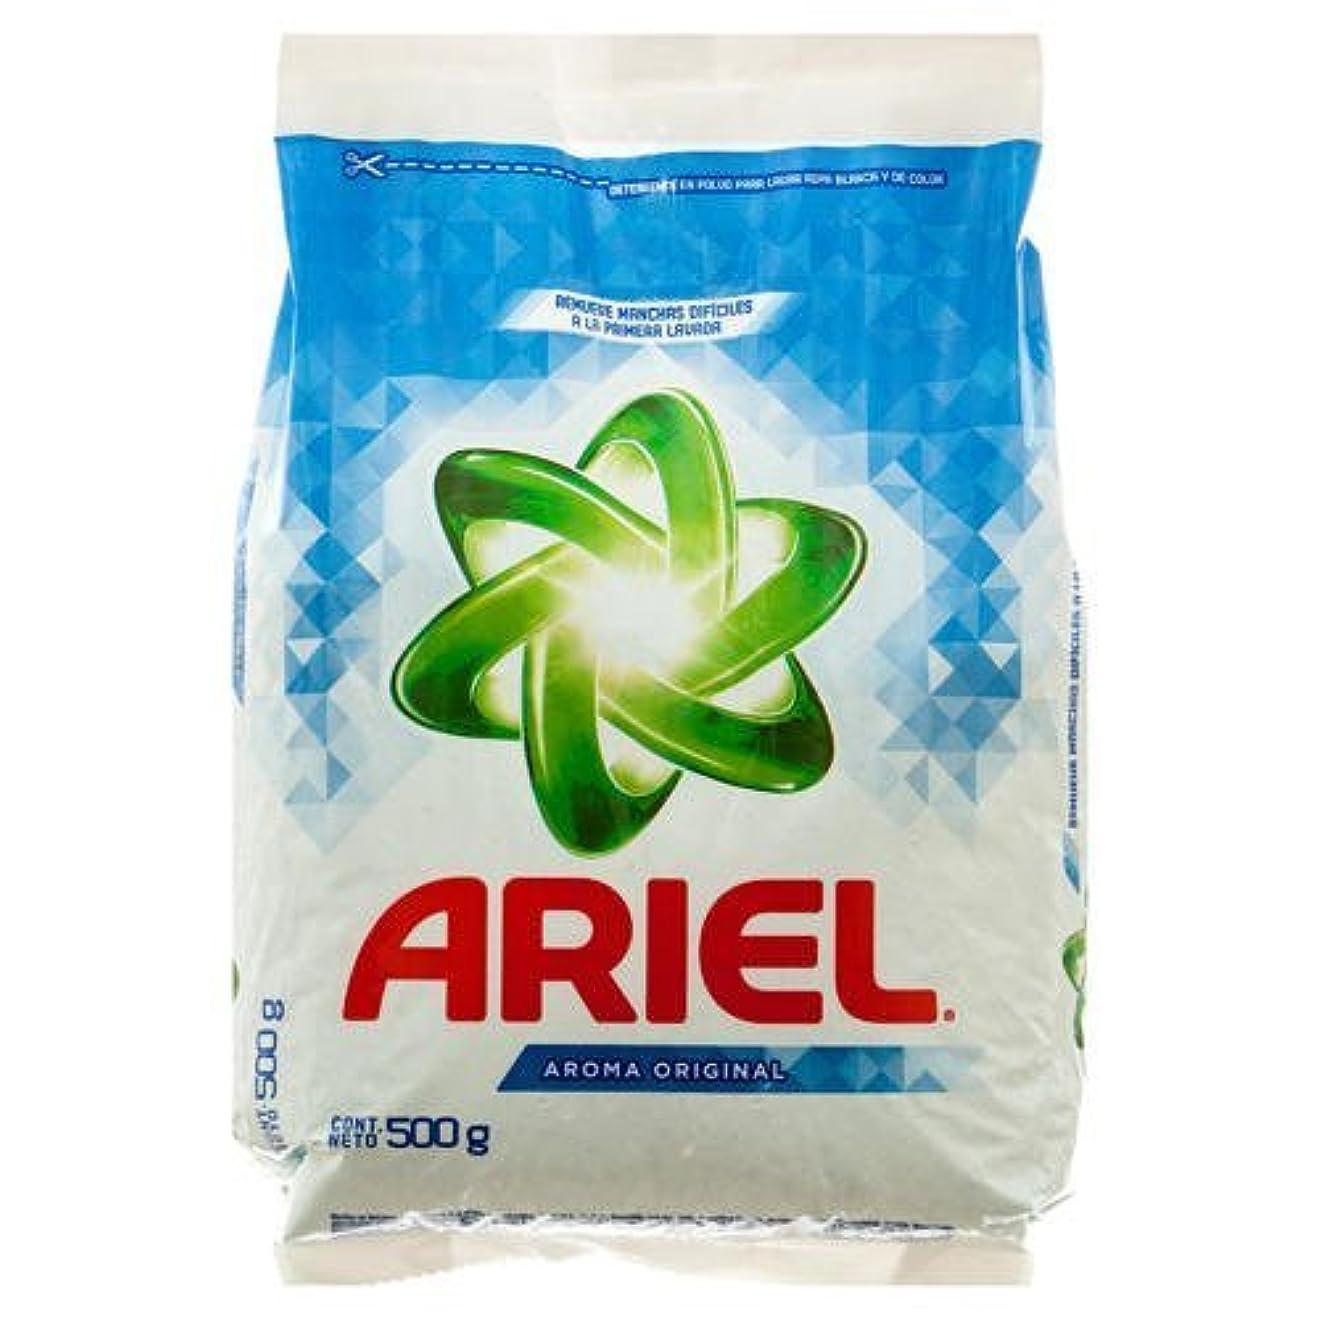 遅れ戻る贅沢なアリエルランドリーパウダー洗剤500 gアロマOriginal 3 - Pack